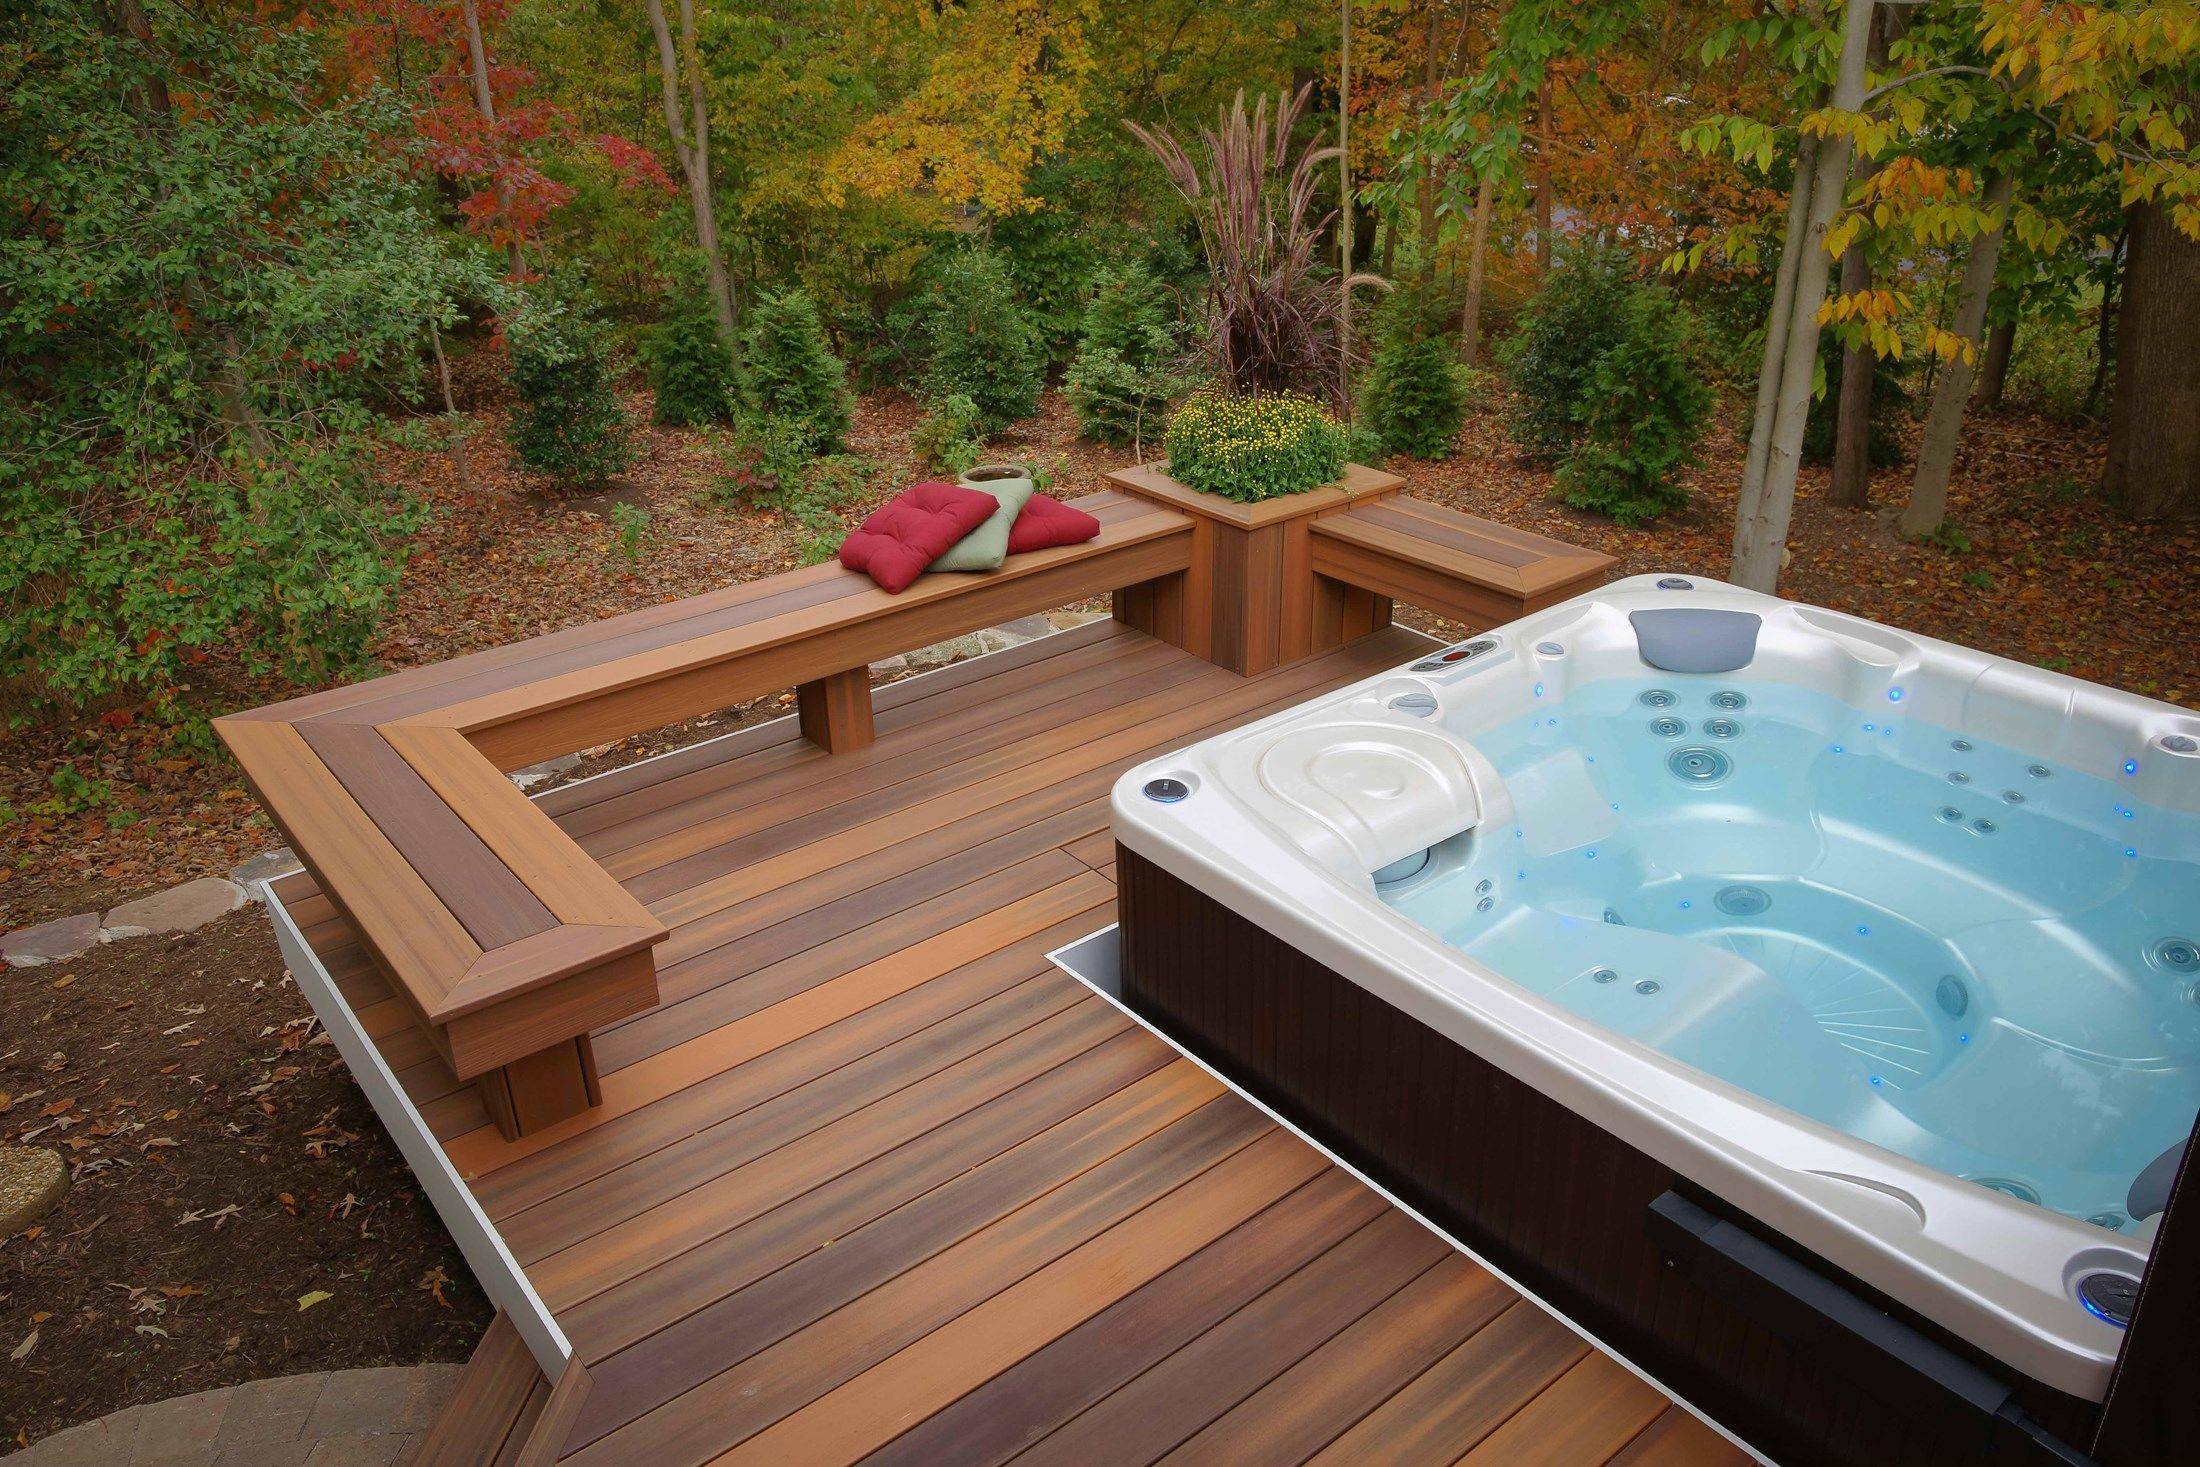 davidson curved deck picture 1427. Black Bedroom Furniture Sets. Home Design Ideas